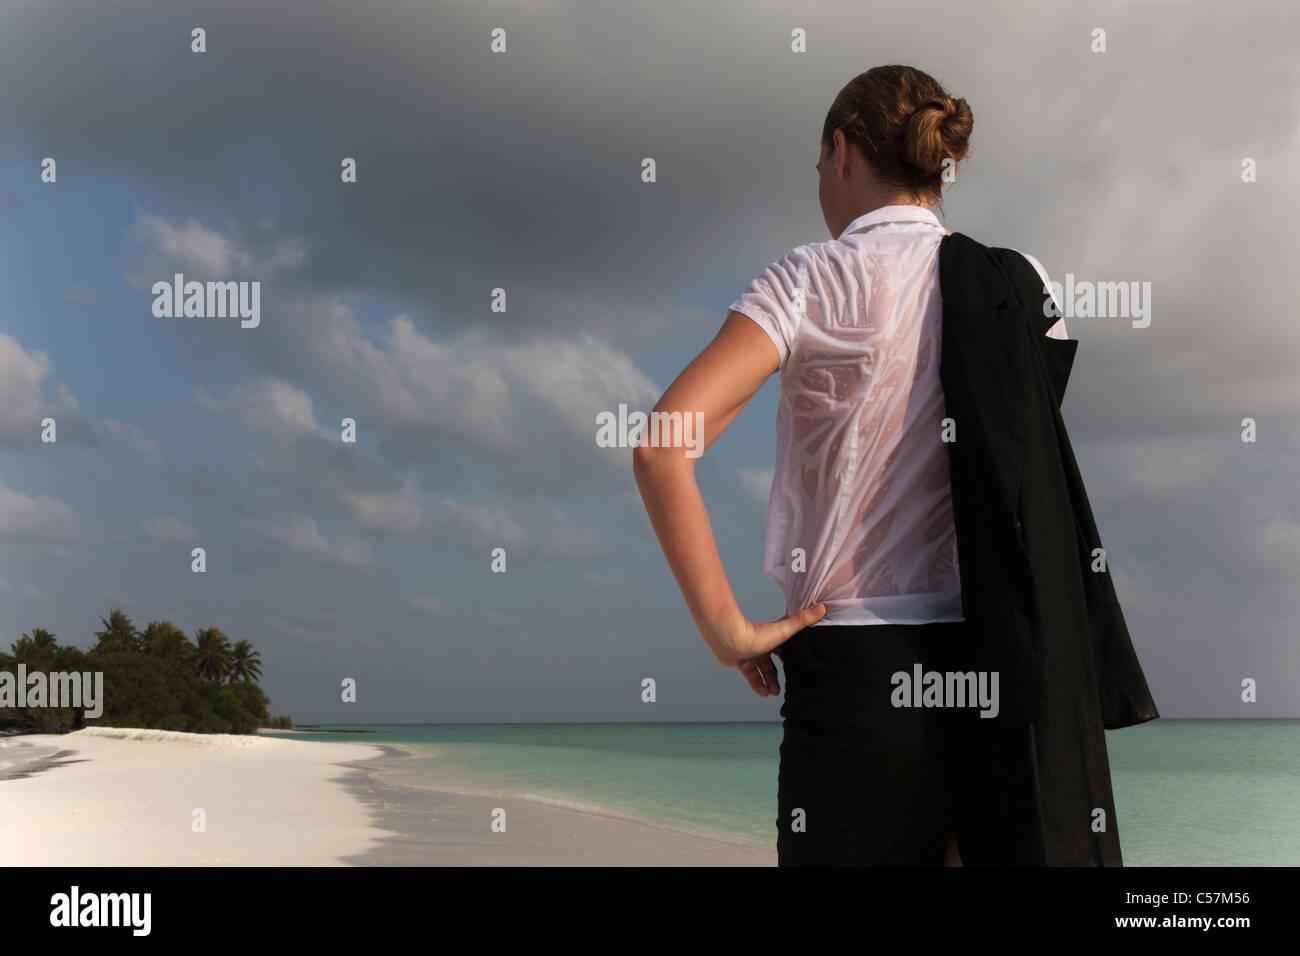 Donna che indossa vestiti bagnati sulla spiaggia Immagini Stock